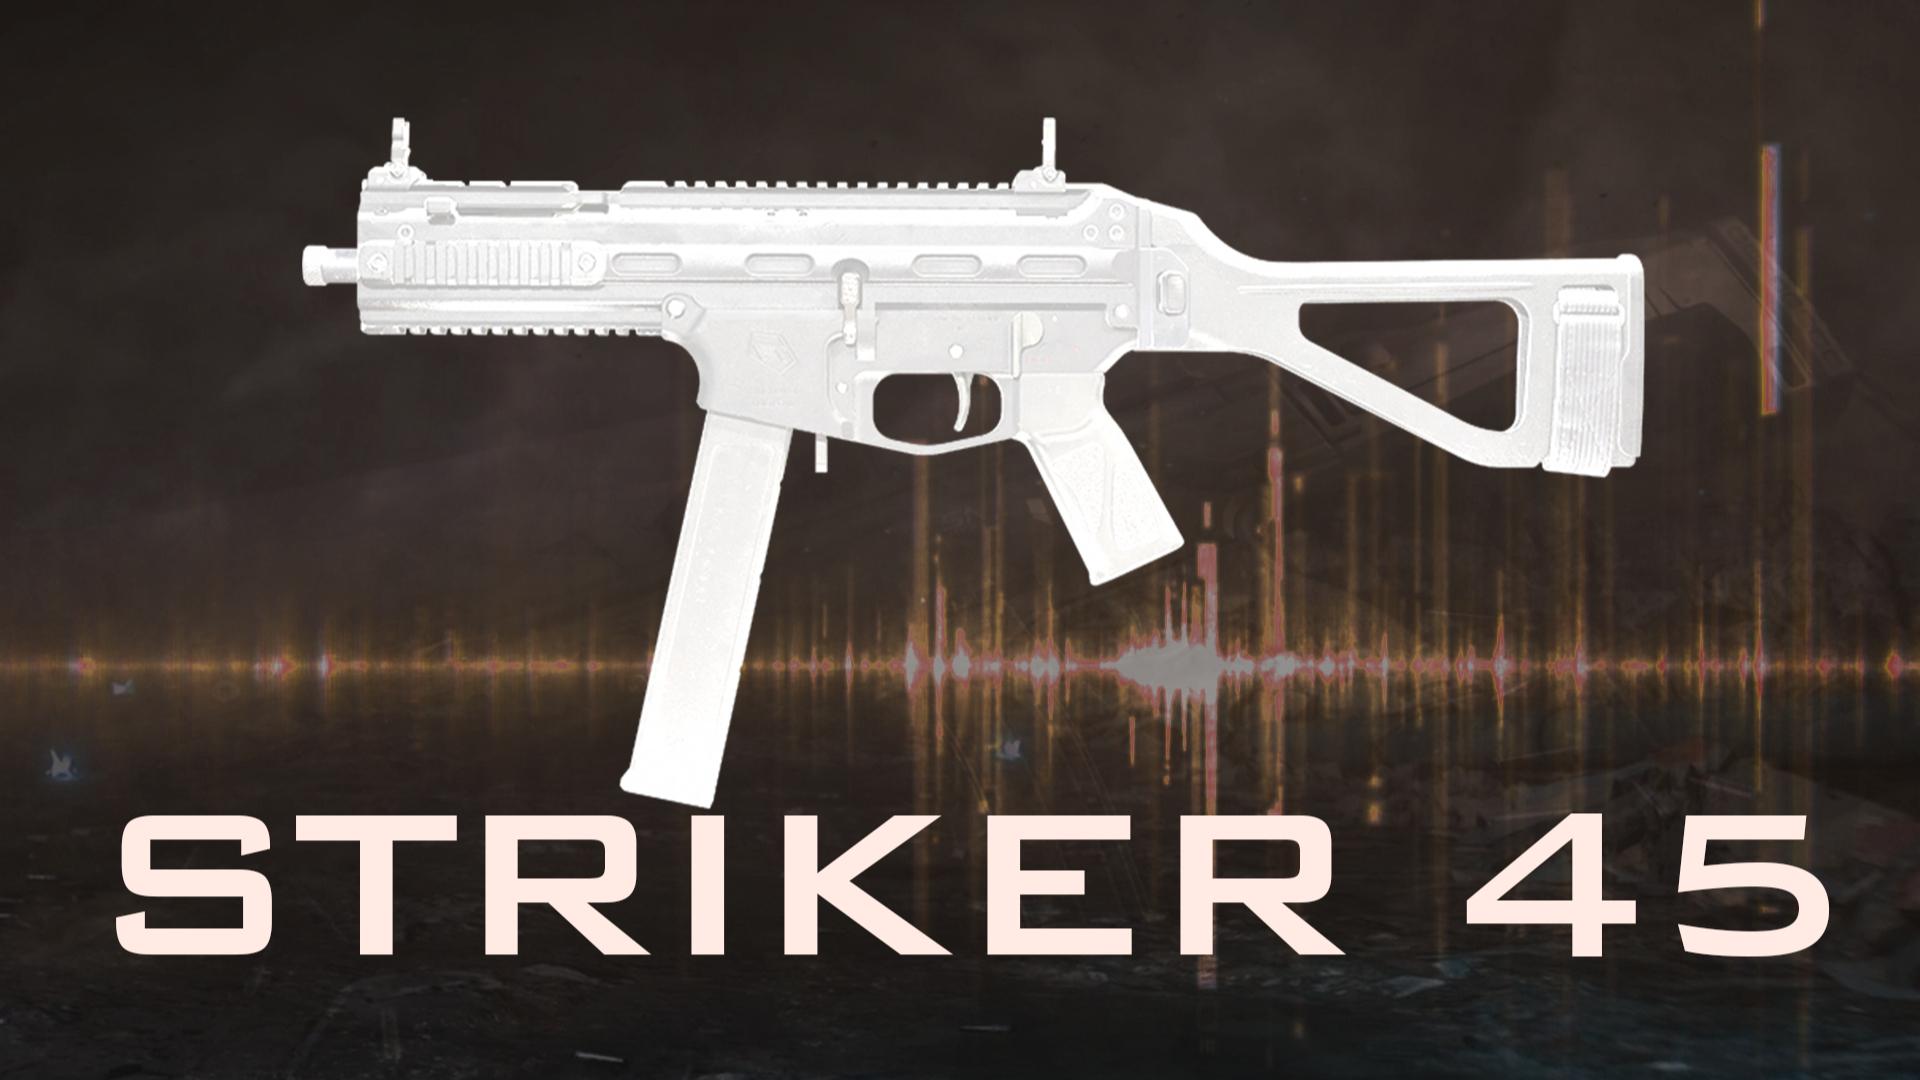 打击者 Striker 45 冲锋枪『现代战争武器指南』VOL.12